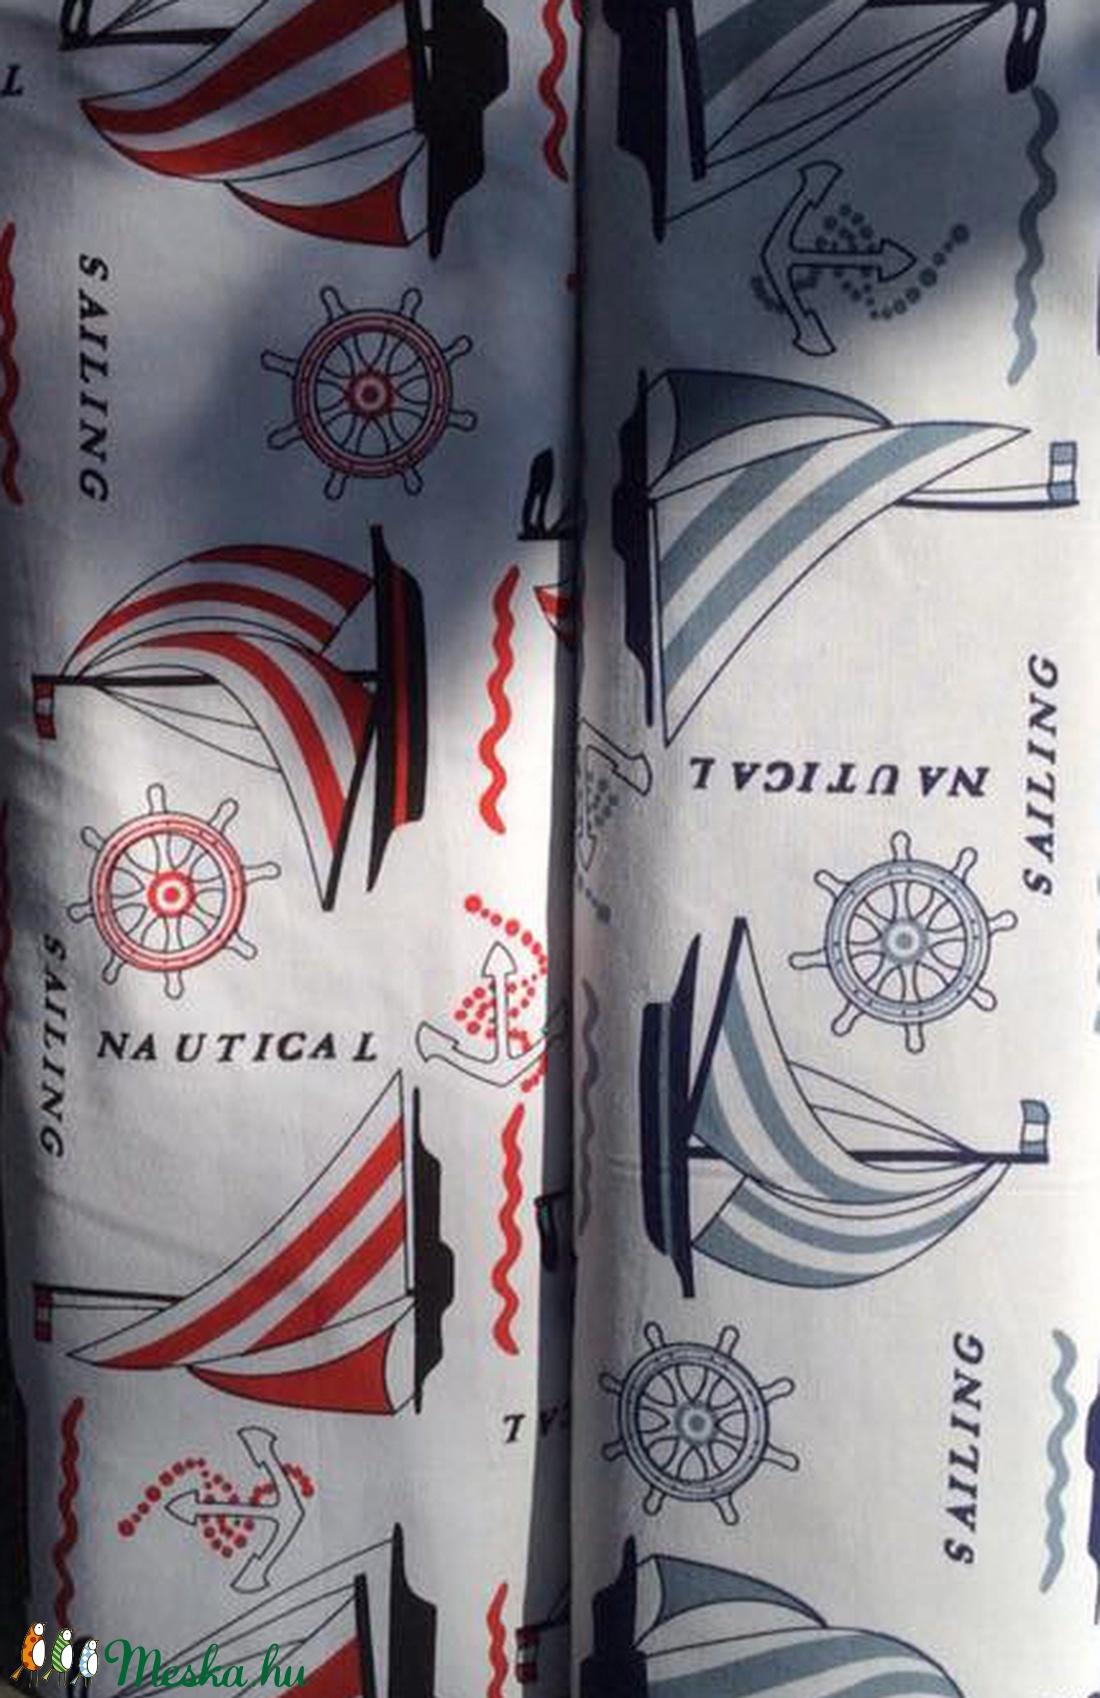 Varrással is - Bútorvászon 4 színben extra spanyol design textil 140 cm - kevert szálas - textil - pamut - Meska.hu